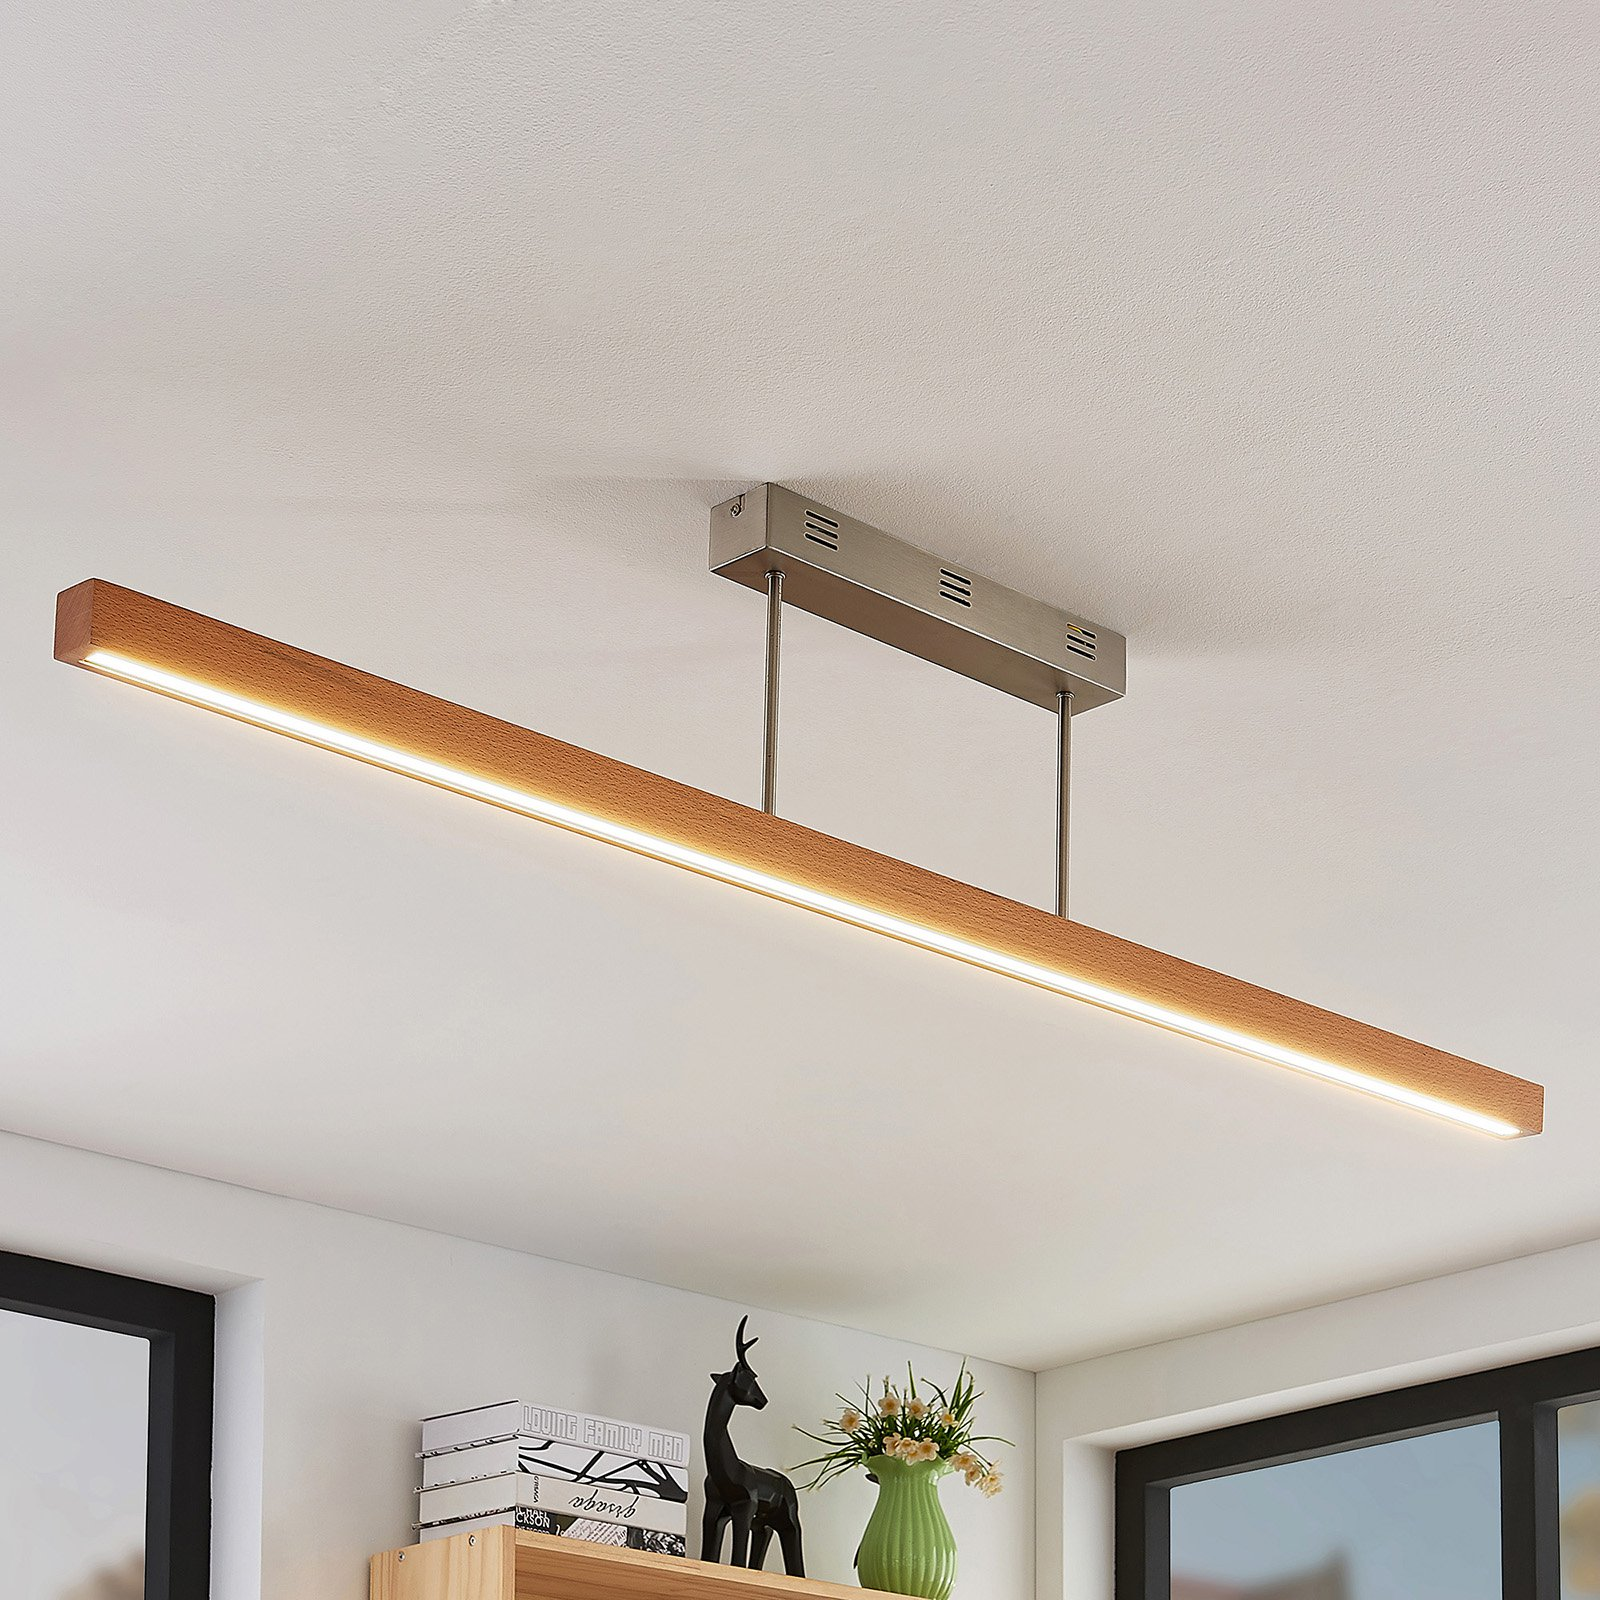 LED-tretaklampe Tamlin, bøk, 140 cm